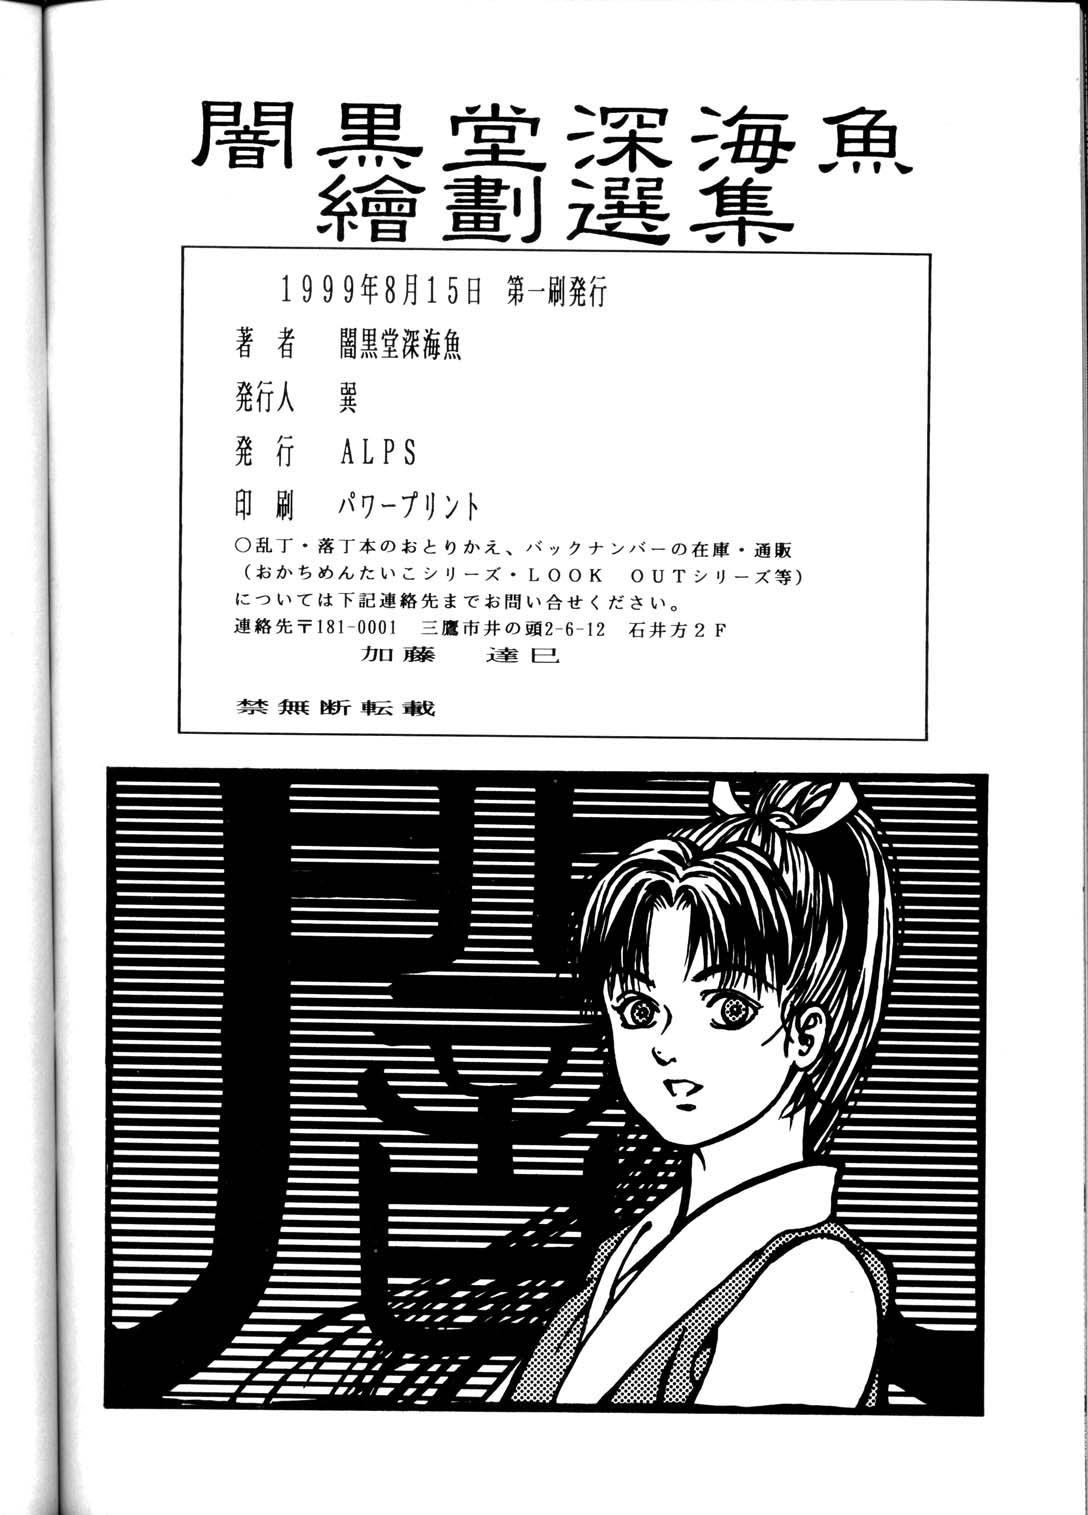 (C56) [ALPS (Ankokudou Shinkaigyo)] Ankoku-dou shinkaigyo e hua xuan-Shuu (Various) 83